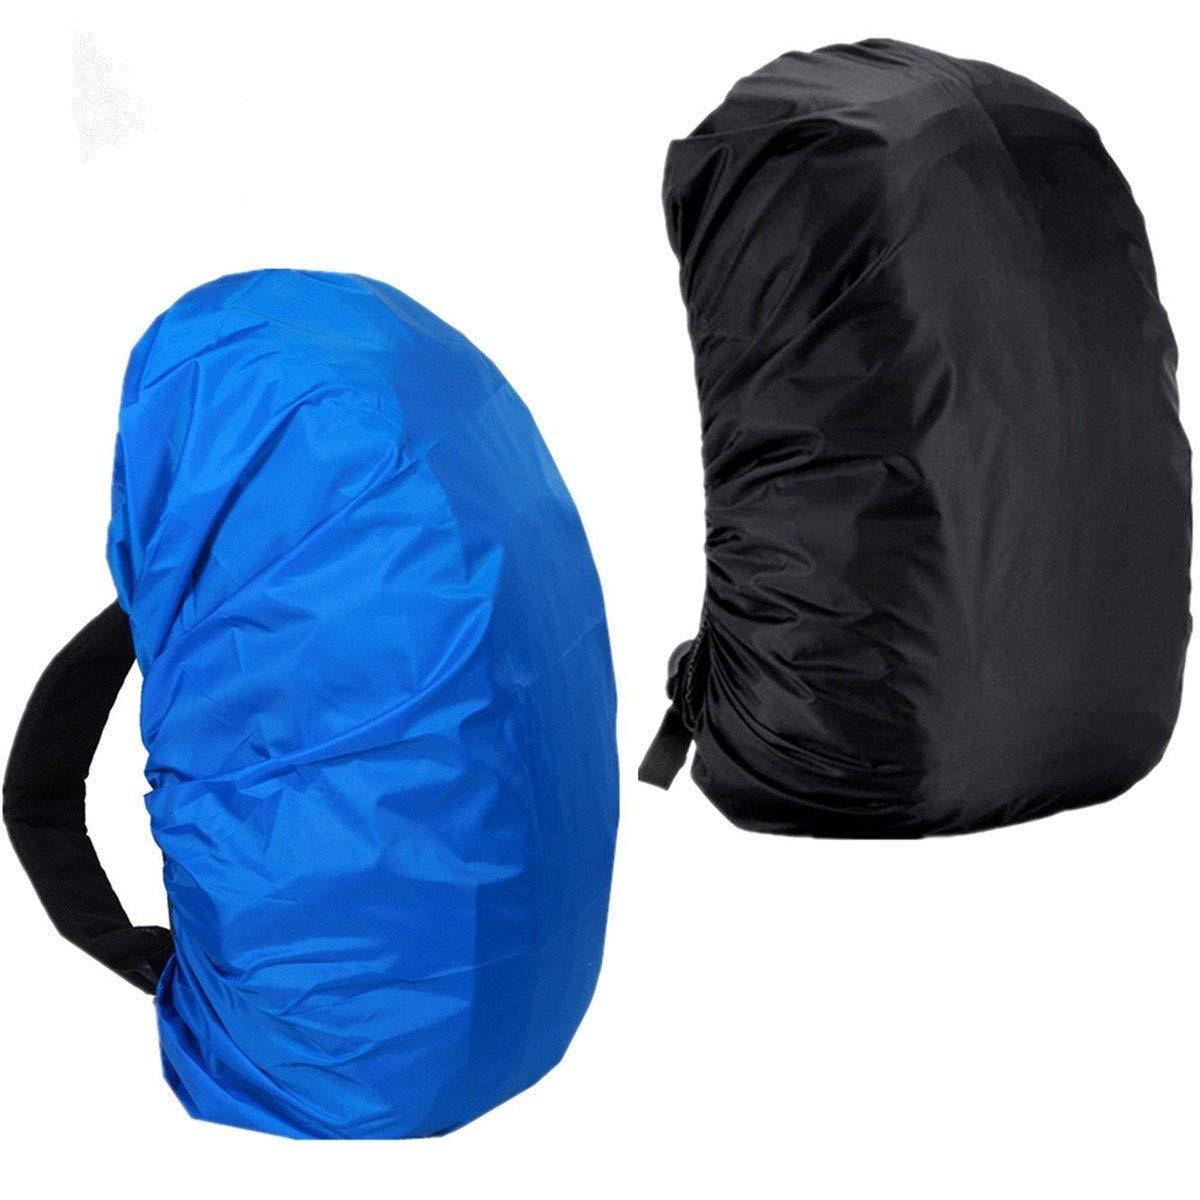 lanticyバックパック雨カバー、2パック防水パックバッグ雨カバー30l-40l Large Small Tear抵抗防塵防雨プロテクター調整可能伸縮Raincover for旅行、アウトドア活動 B07D734PRN